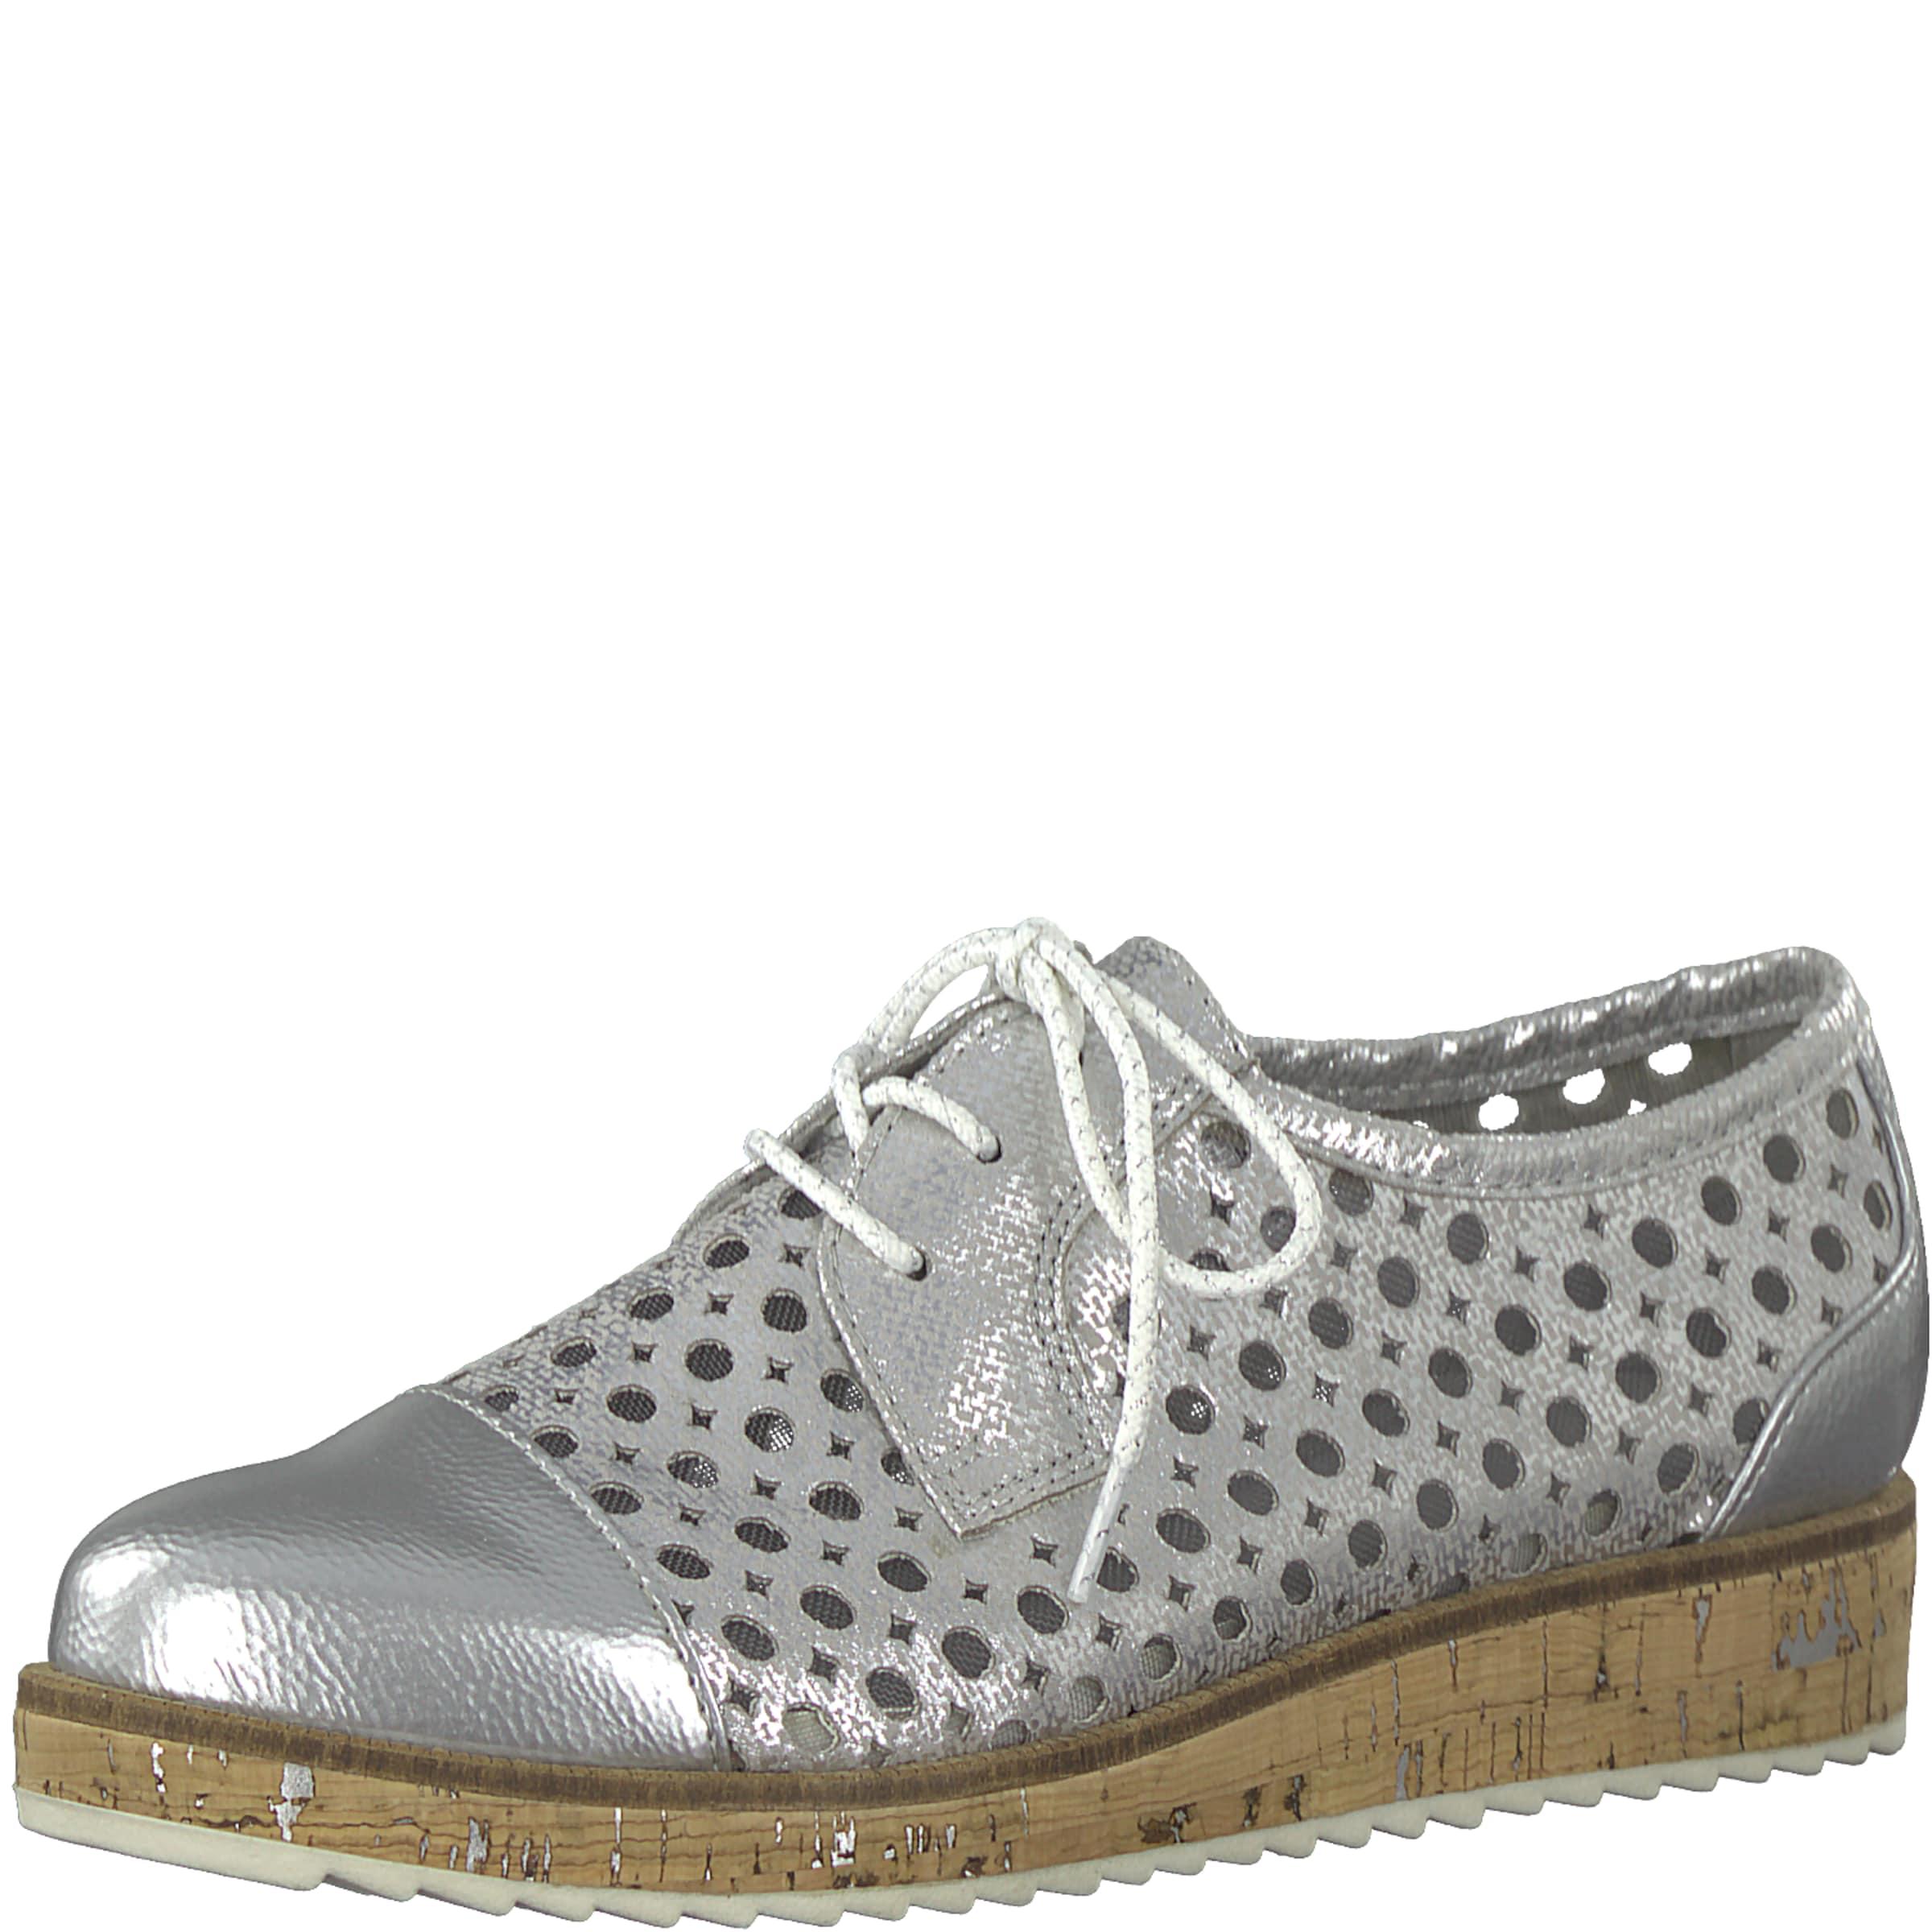 MARCO TOZZI Schnürschuh Günstige und langlebige Schuhe